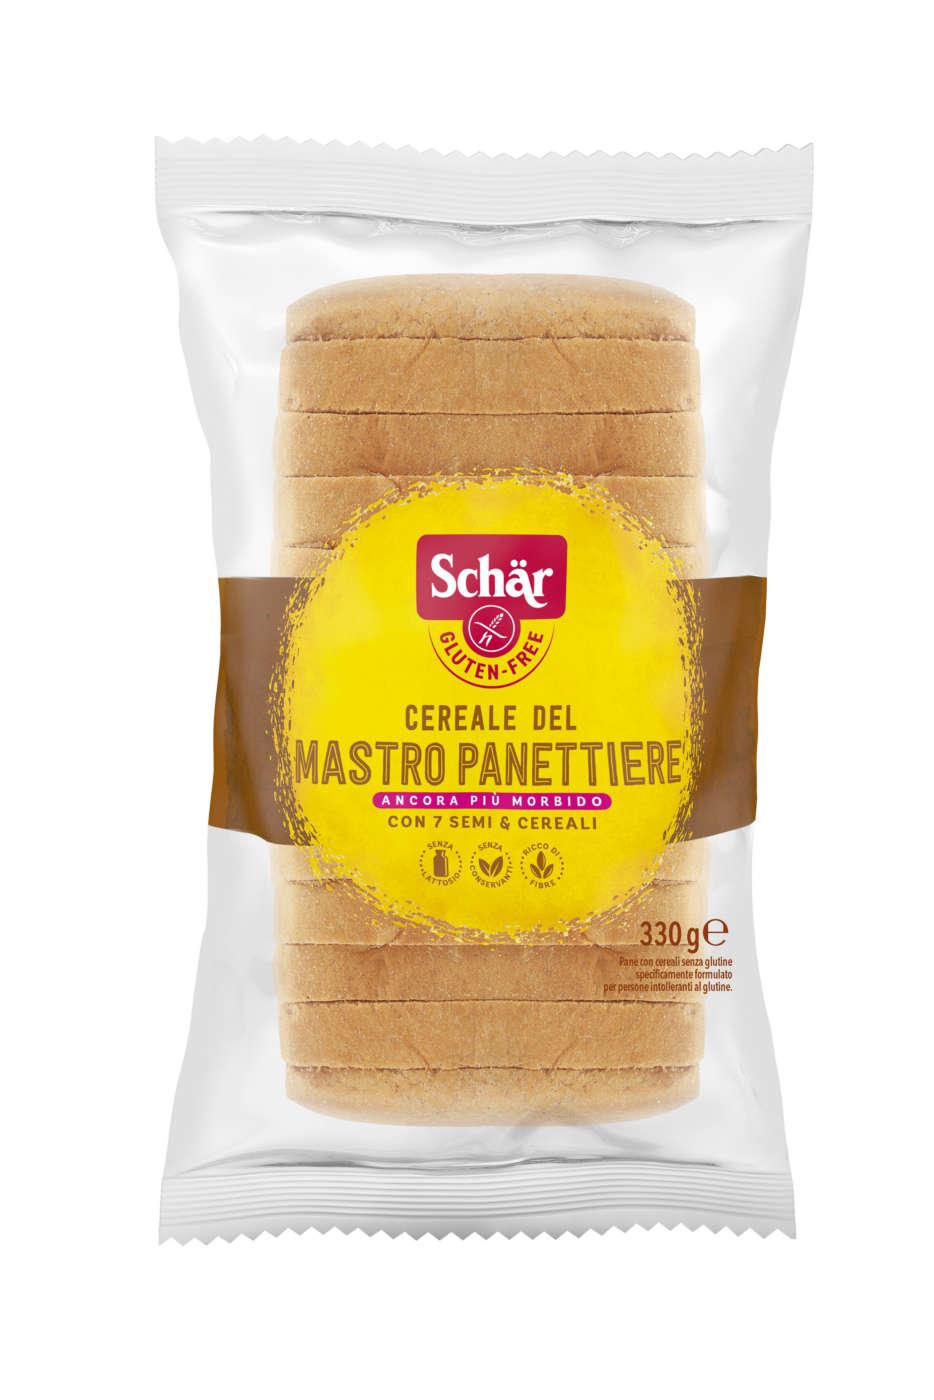 Cereale Mastro Panettiere 330g